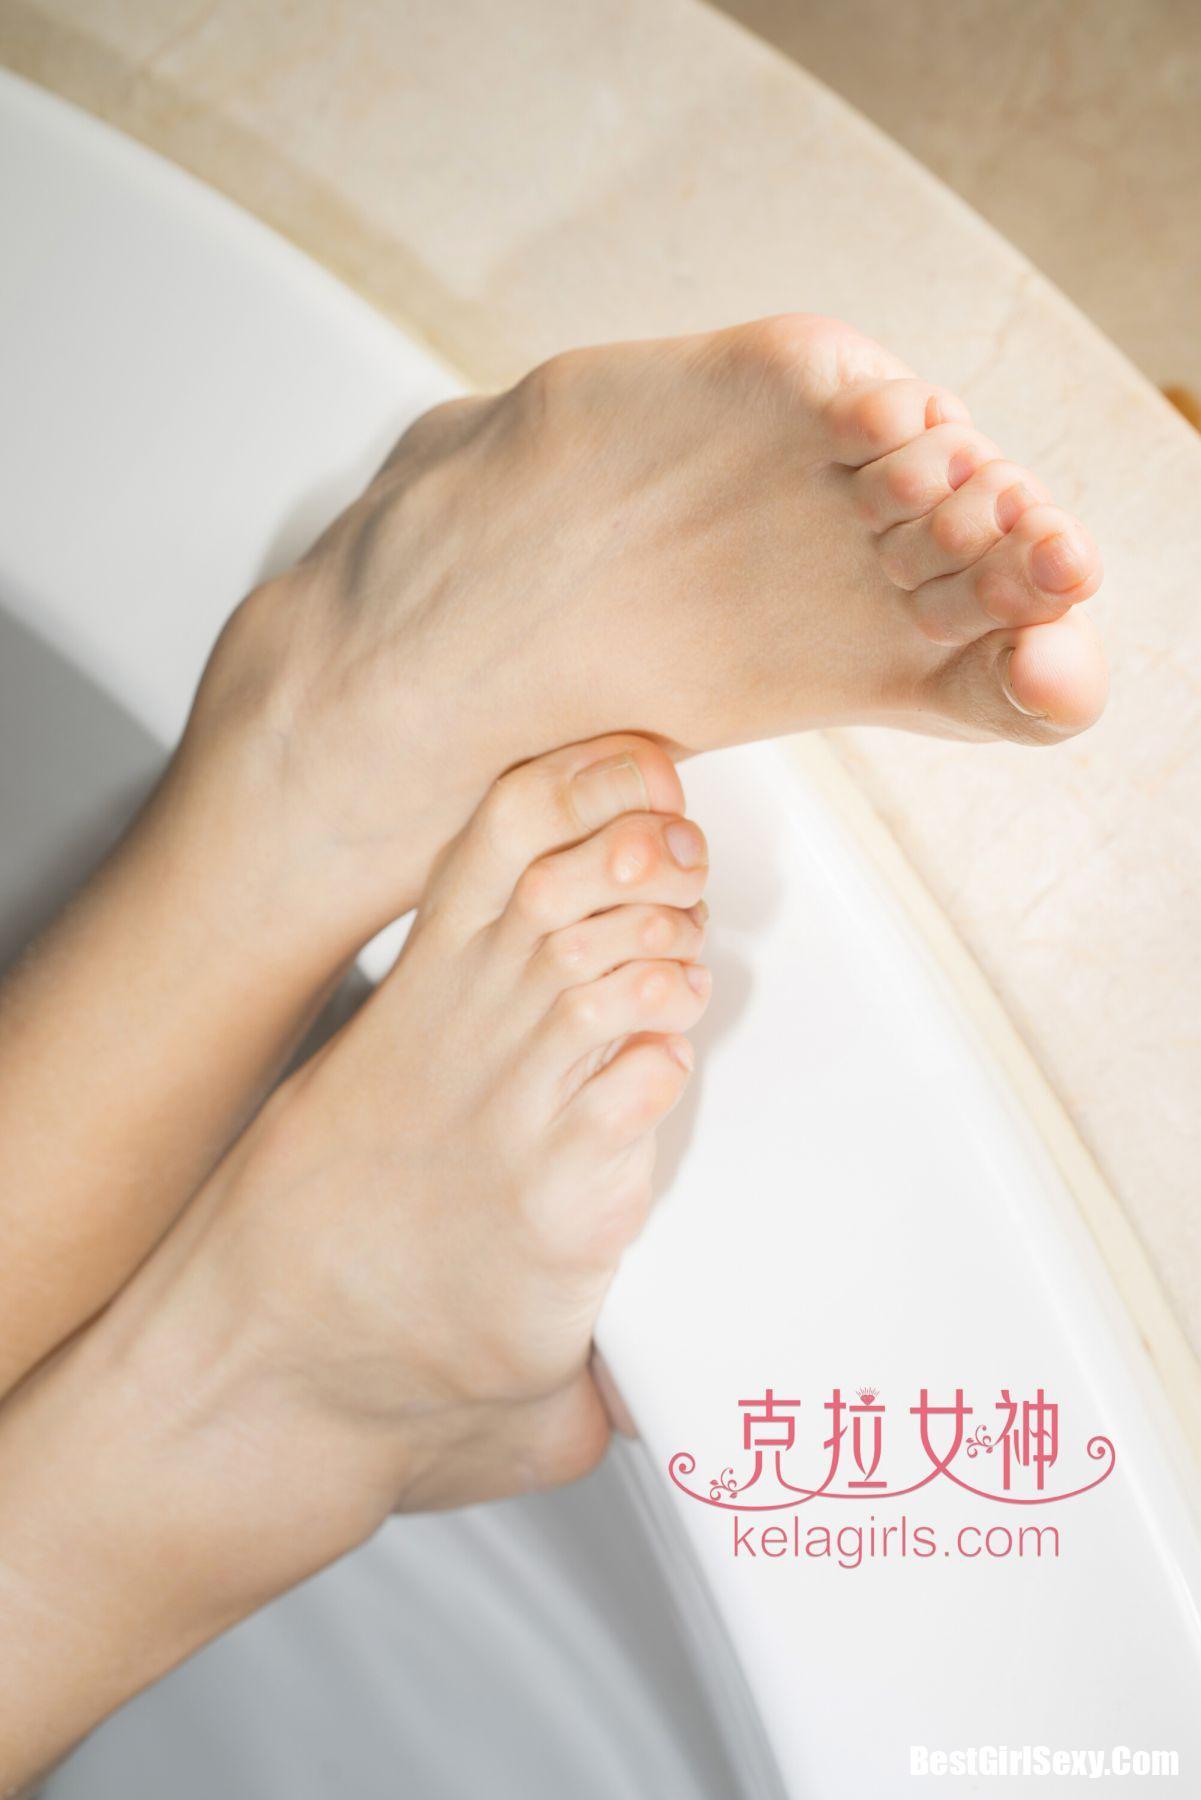 晓晓, Xiao Xiao, KeLaGirls克拉女神 2018.04.14 Xiao Xiao, KeLaGirls克拉女神 2018.04.14